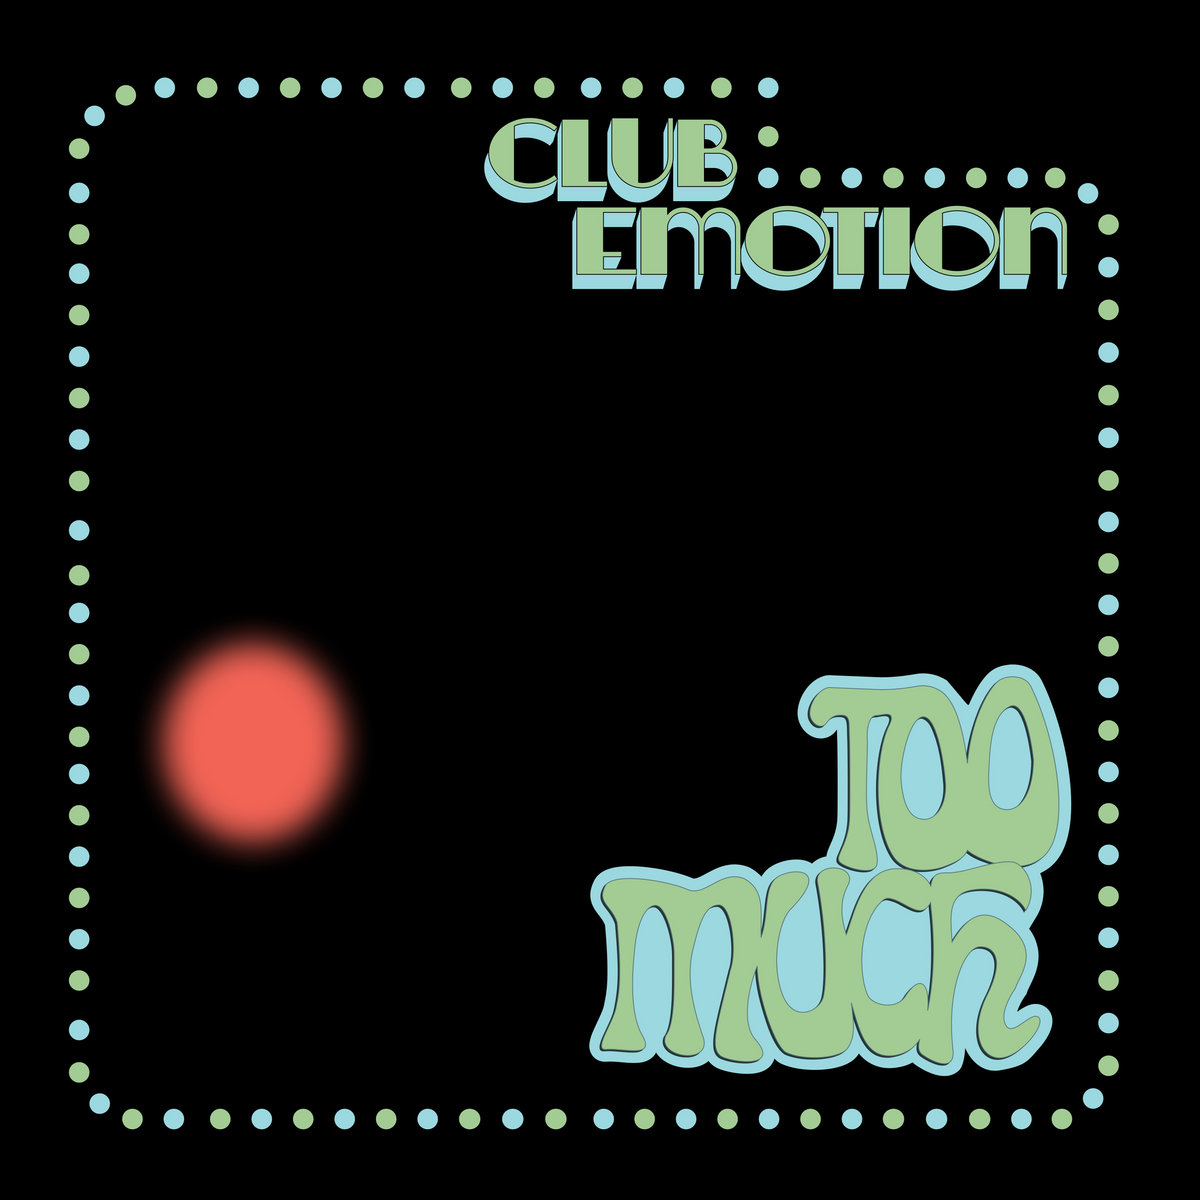 Too Much - Club Emotion